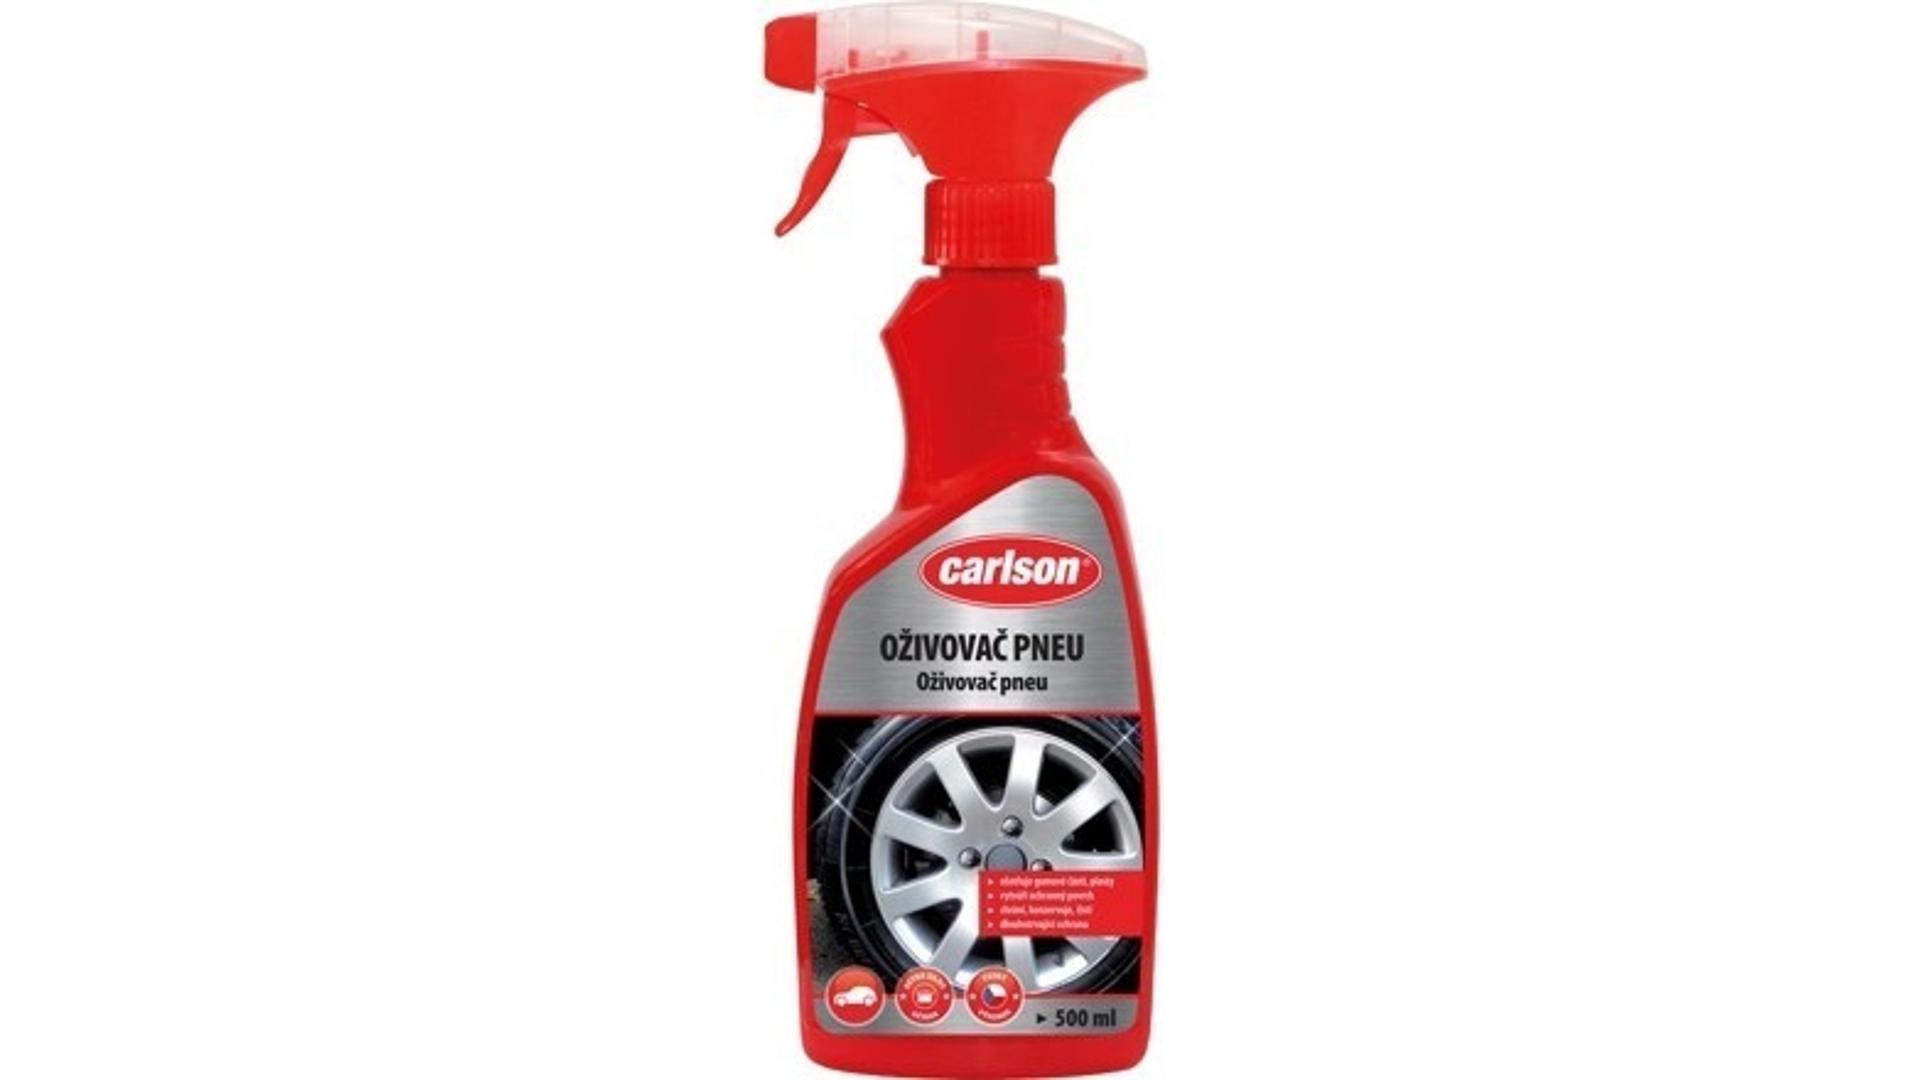 CARLSON oživovač pneu 500 ml